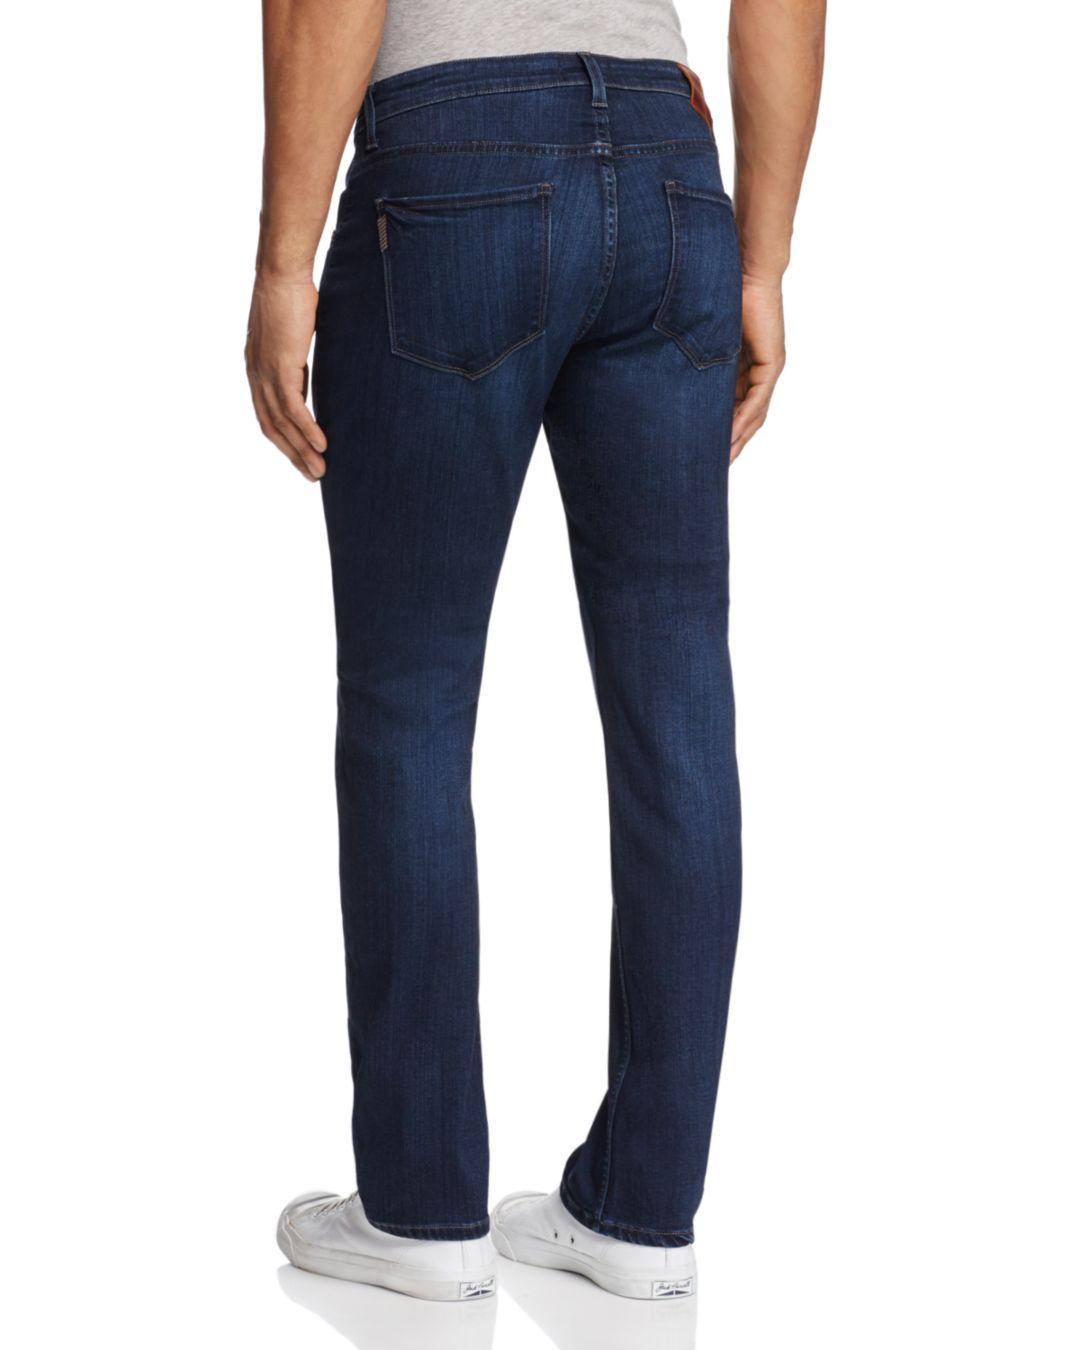 PAIGE Denim Transcend Federal Slim Fit Jeans In Barron in Blue for Men